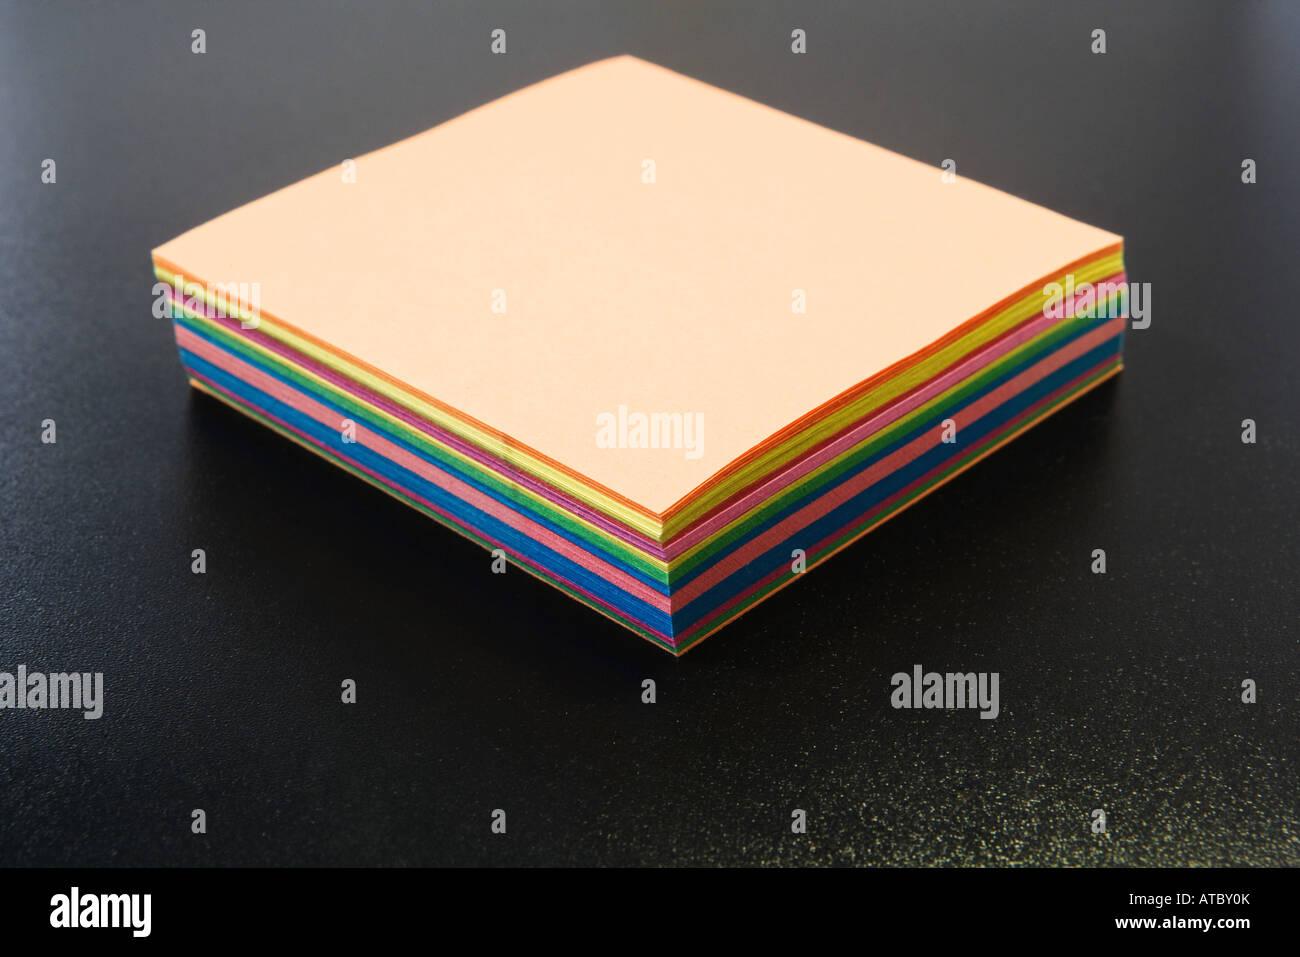 Stapeln von bunten Papier, Nahaufnahme Stockbild